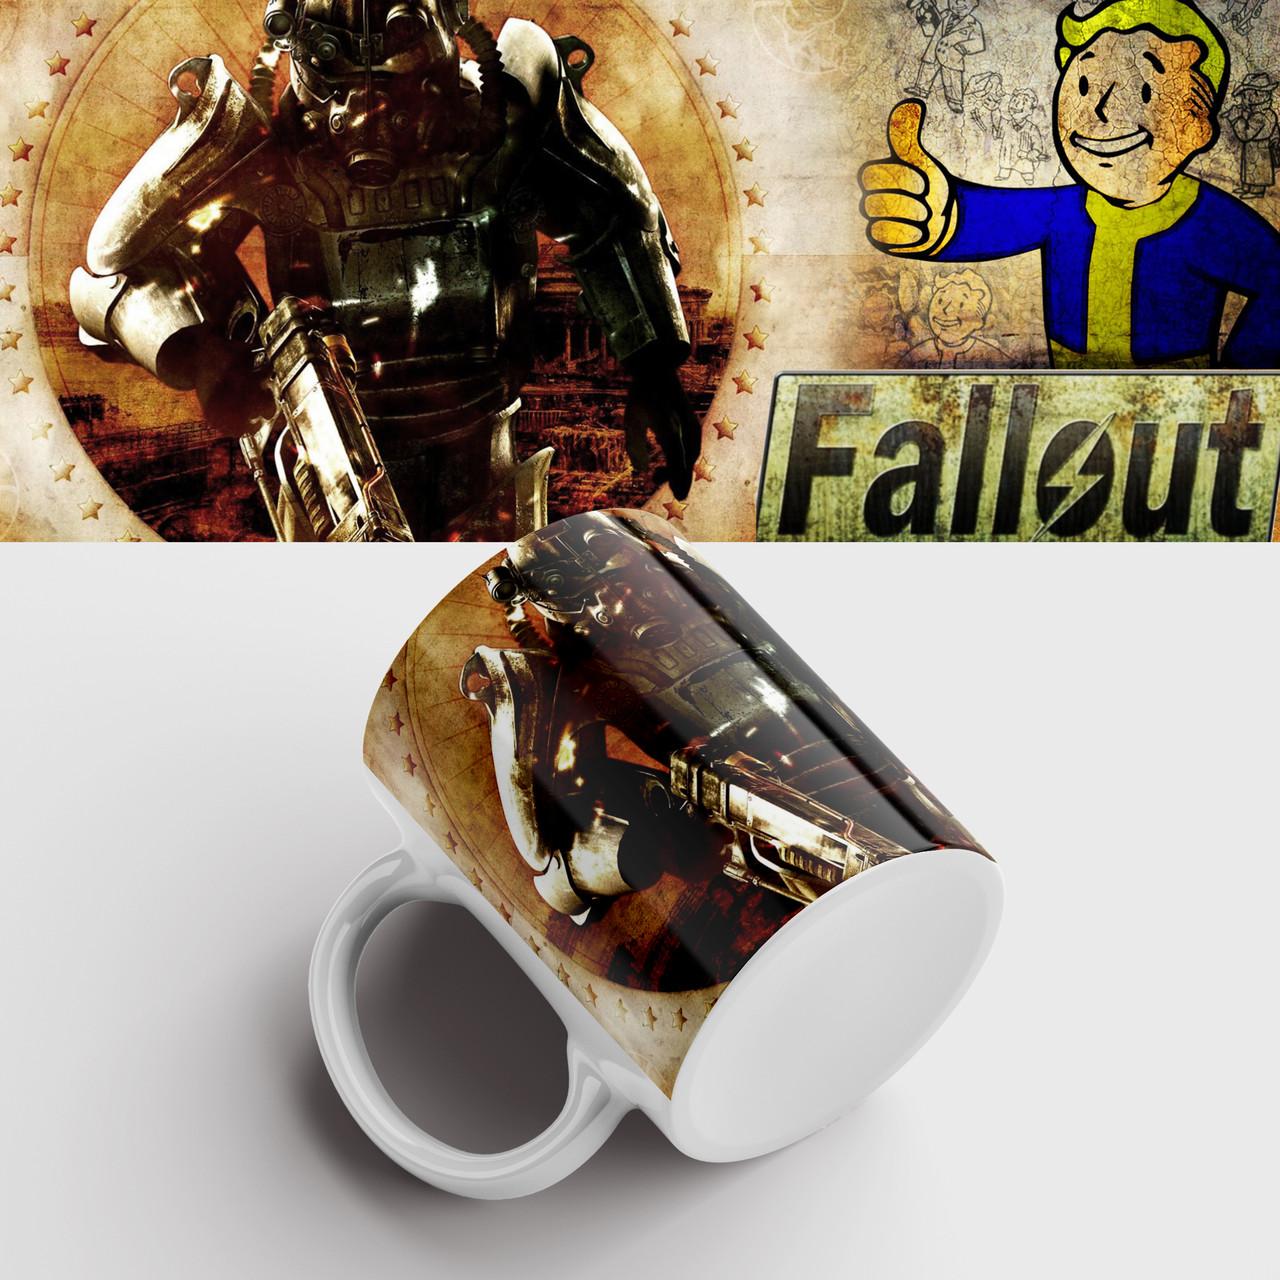 Кружка с принтом Fallout. Фоллаут. Чашка с принтом. Чашка с фото